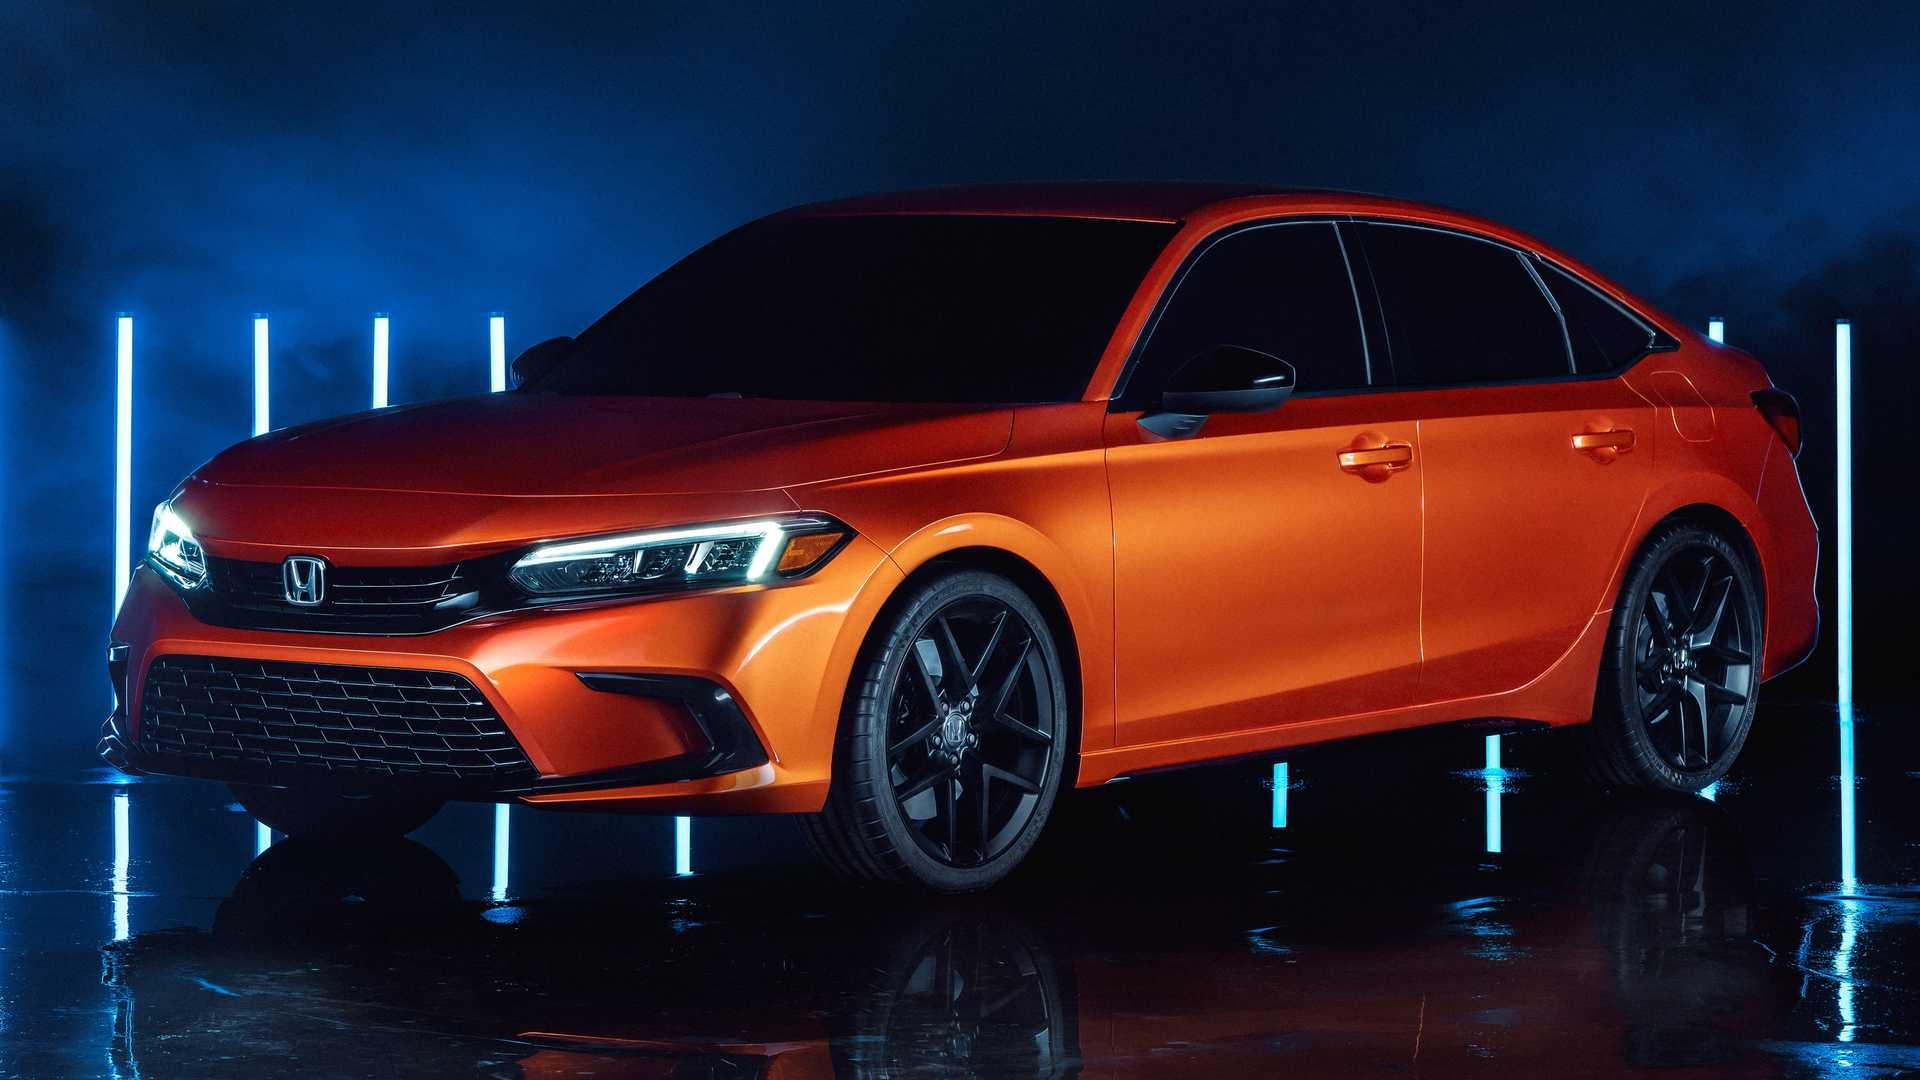 Novo Honda Civic 2022 (1)